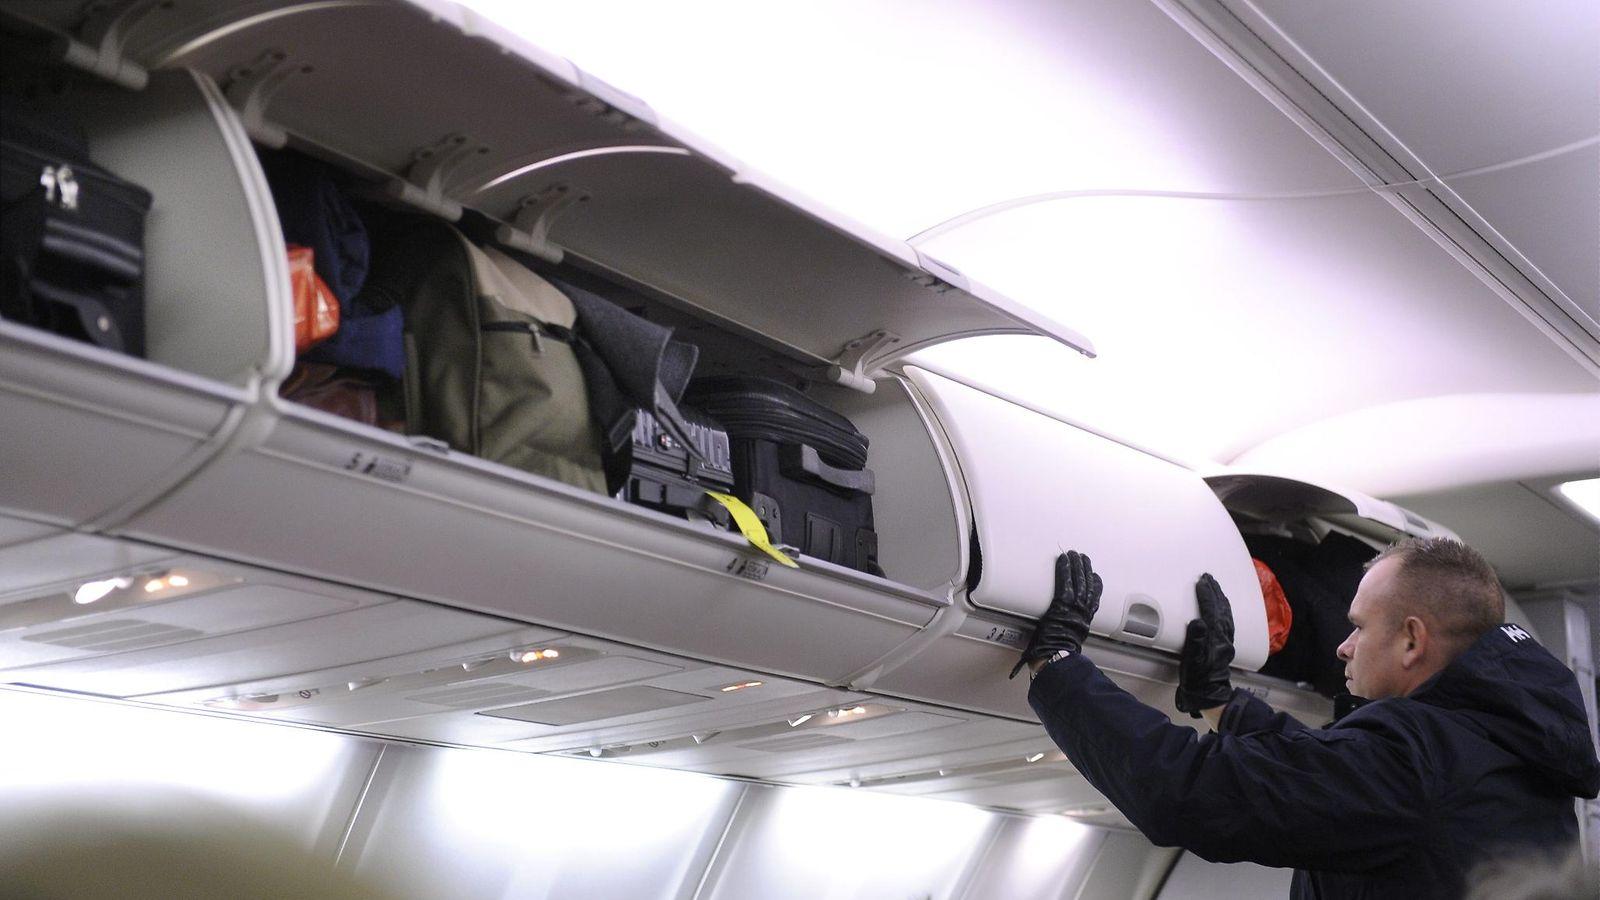 Minkä Kokoinen Käsilaukku Lentokoneeseen : Uskomaton pakkausniksi kaikki t?m? mahtuu